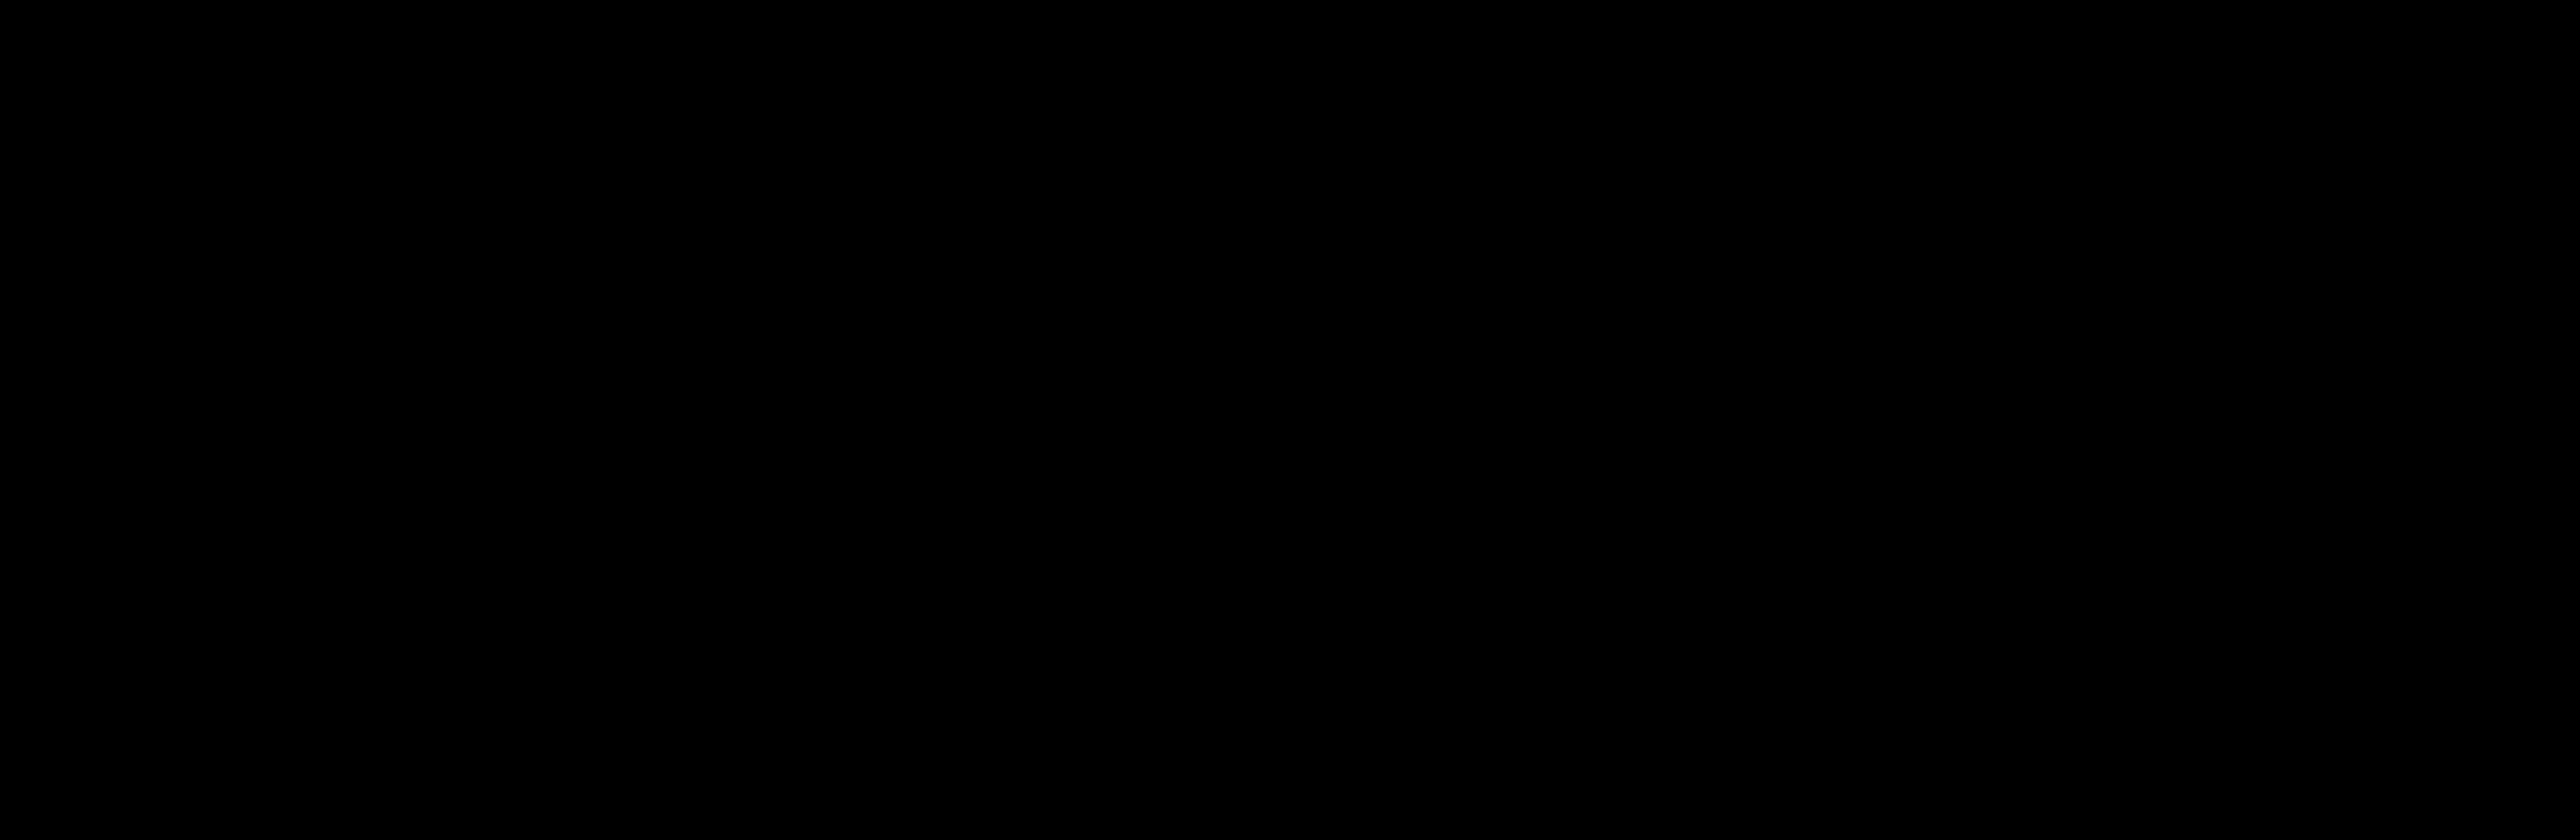 Image Proximité